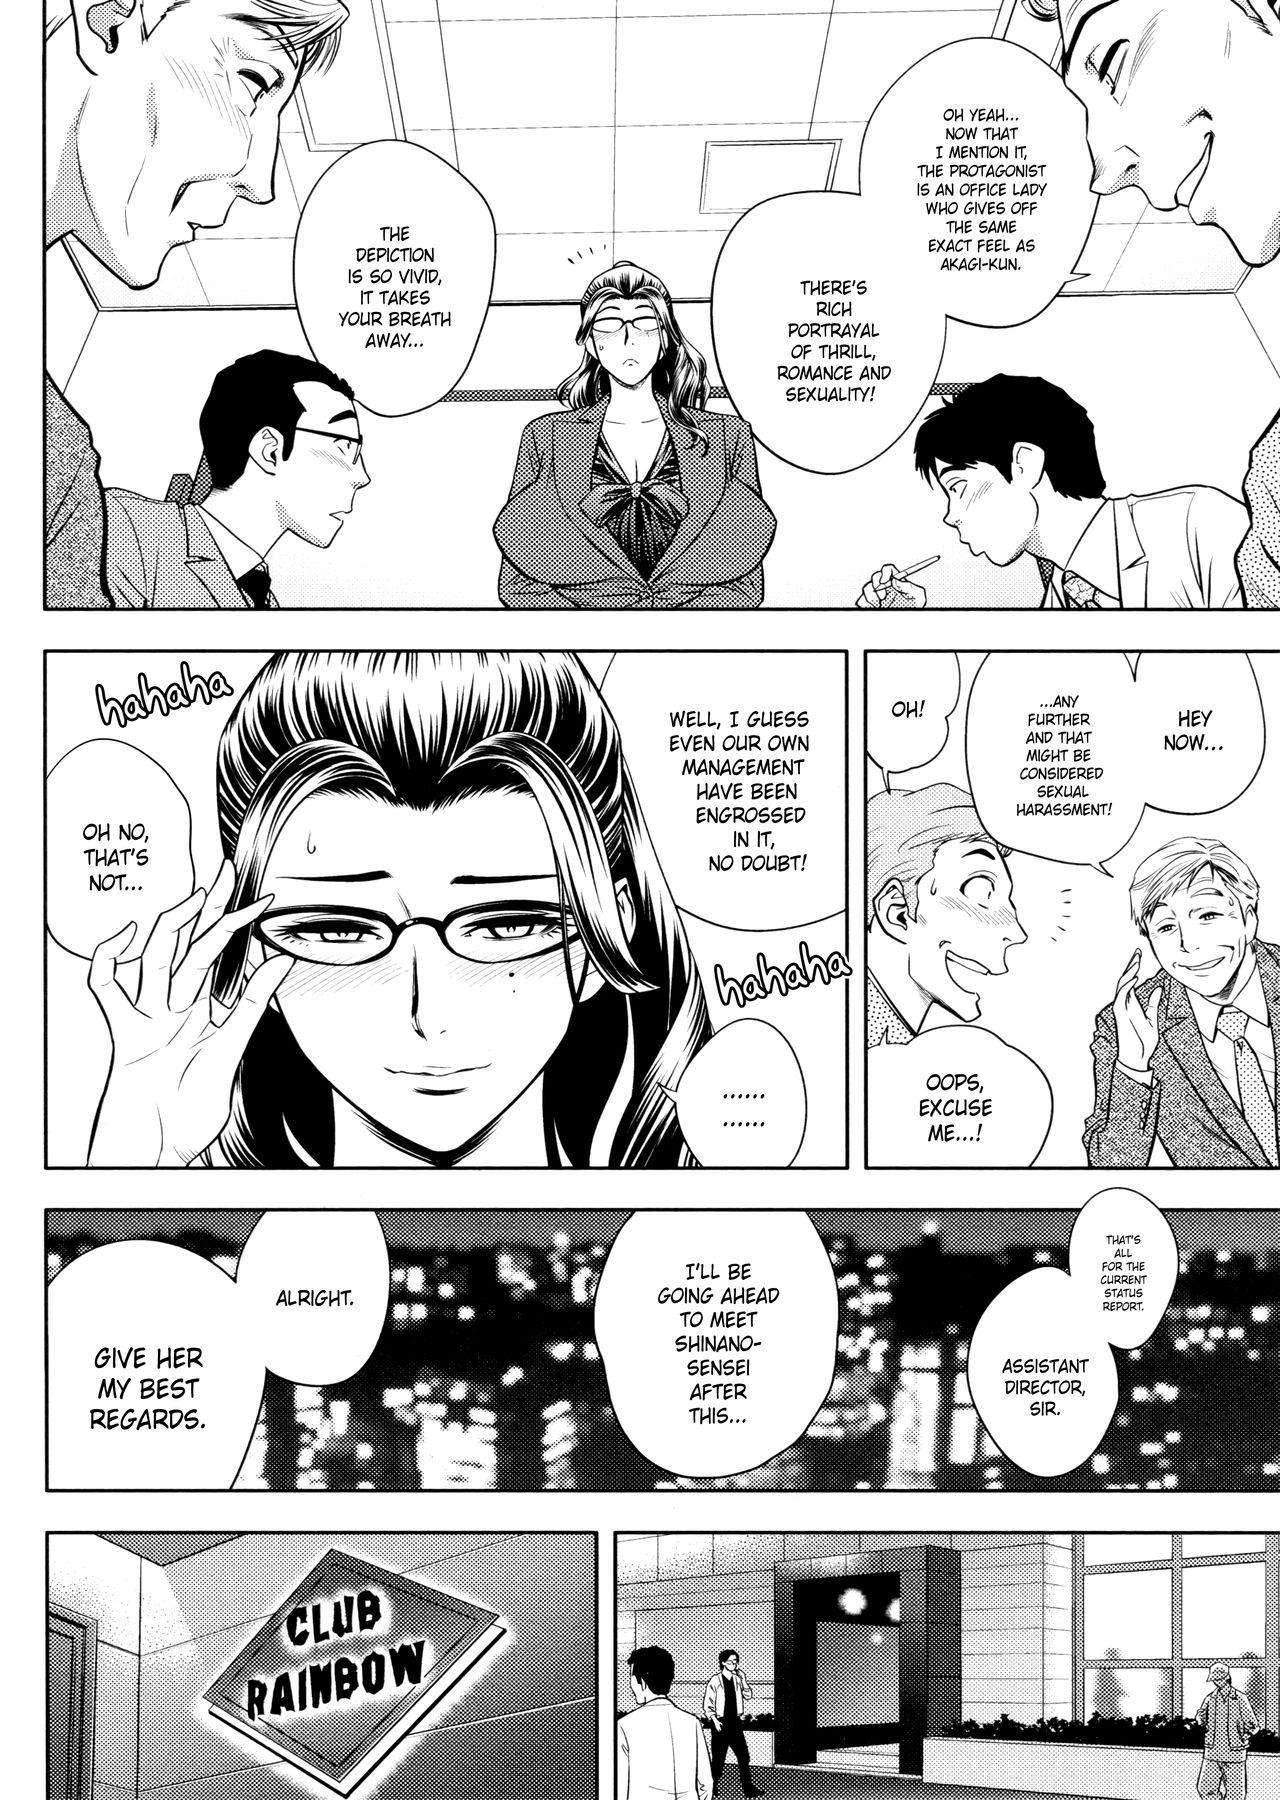 [Tatsunami Youtoku, Yamazaki Masato] Bijin Henshuu-chou no Himitsu | Beautiful Editor-in-Chief's Secret Ch. 1-7 [English] [Forbiddenfetish77, Red Vodka, Crystalium, CEDR777] [Decensored] 133